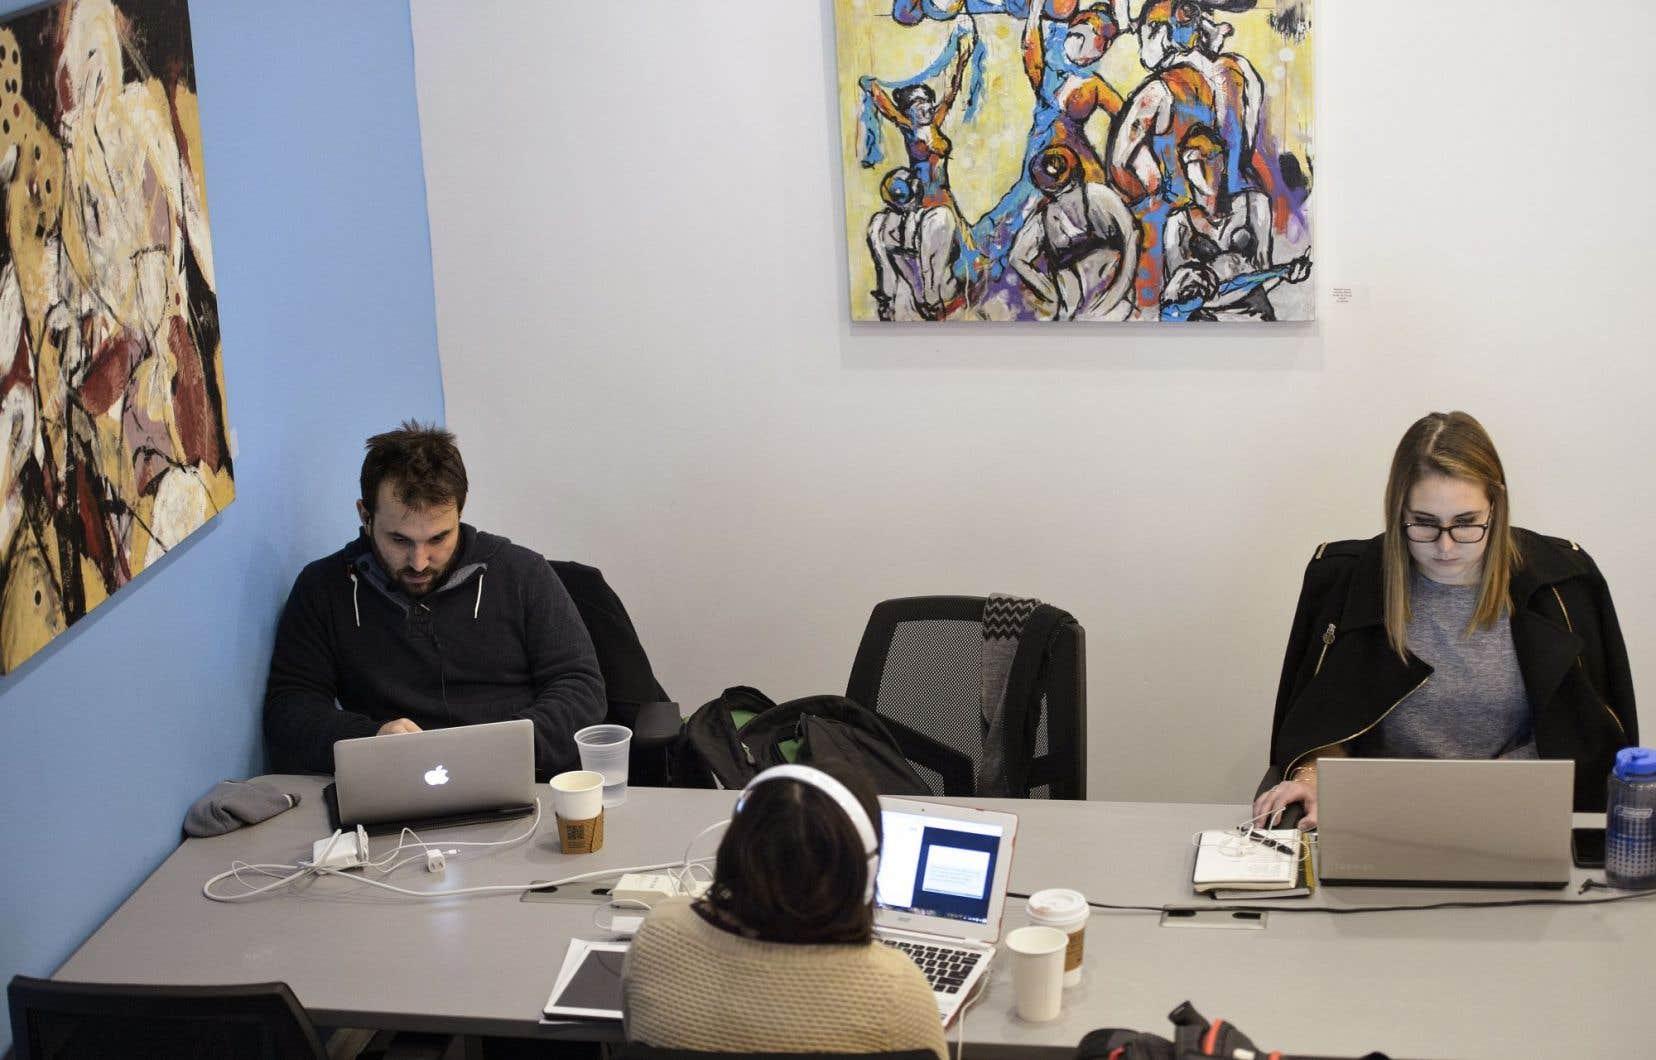 On comptait en 2015 pas moins de 1084 espaces communautaires de travail dans 634 villes de 92 pays. Montréal et le Québec sont du nombre, avec une trentaine d'espaces dans la métropole et une vingtaine ailleurs au Québec.